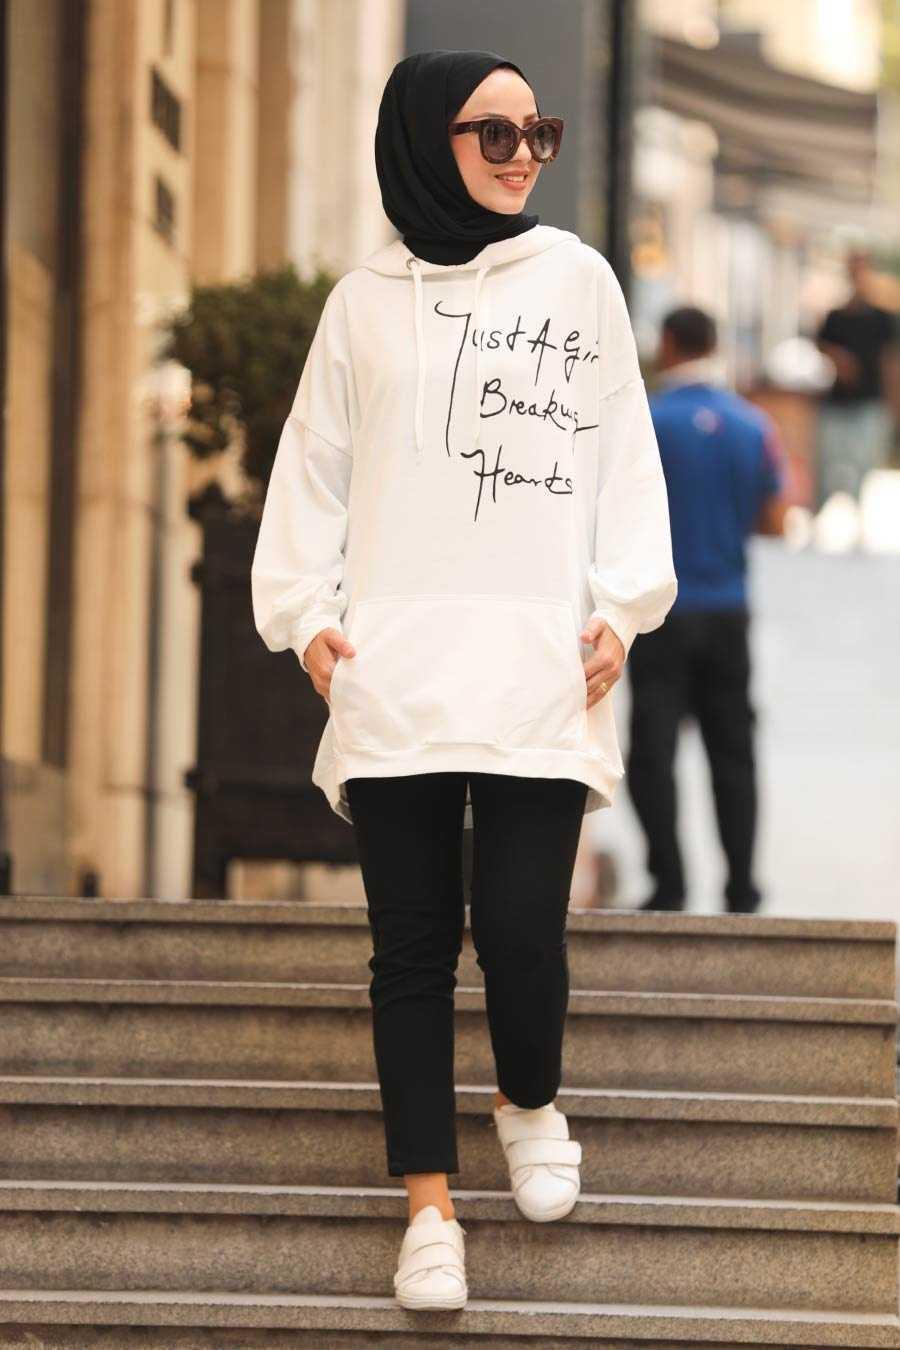 Neva Style Tesettür Baskılı Sweatshirt Modelleri